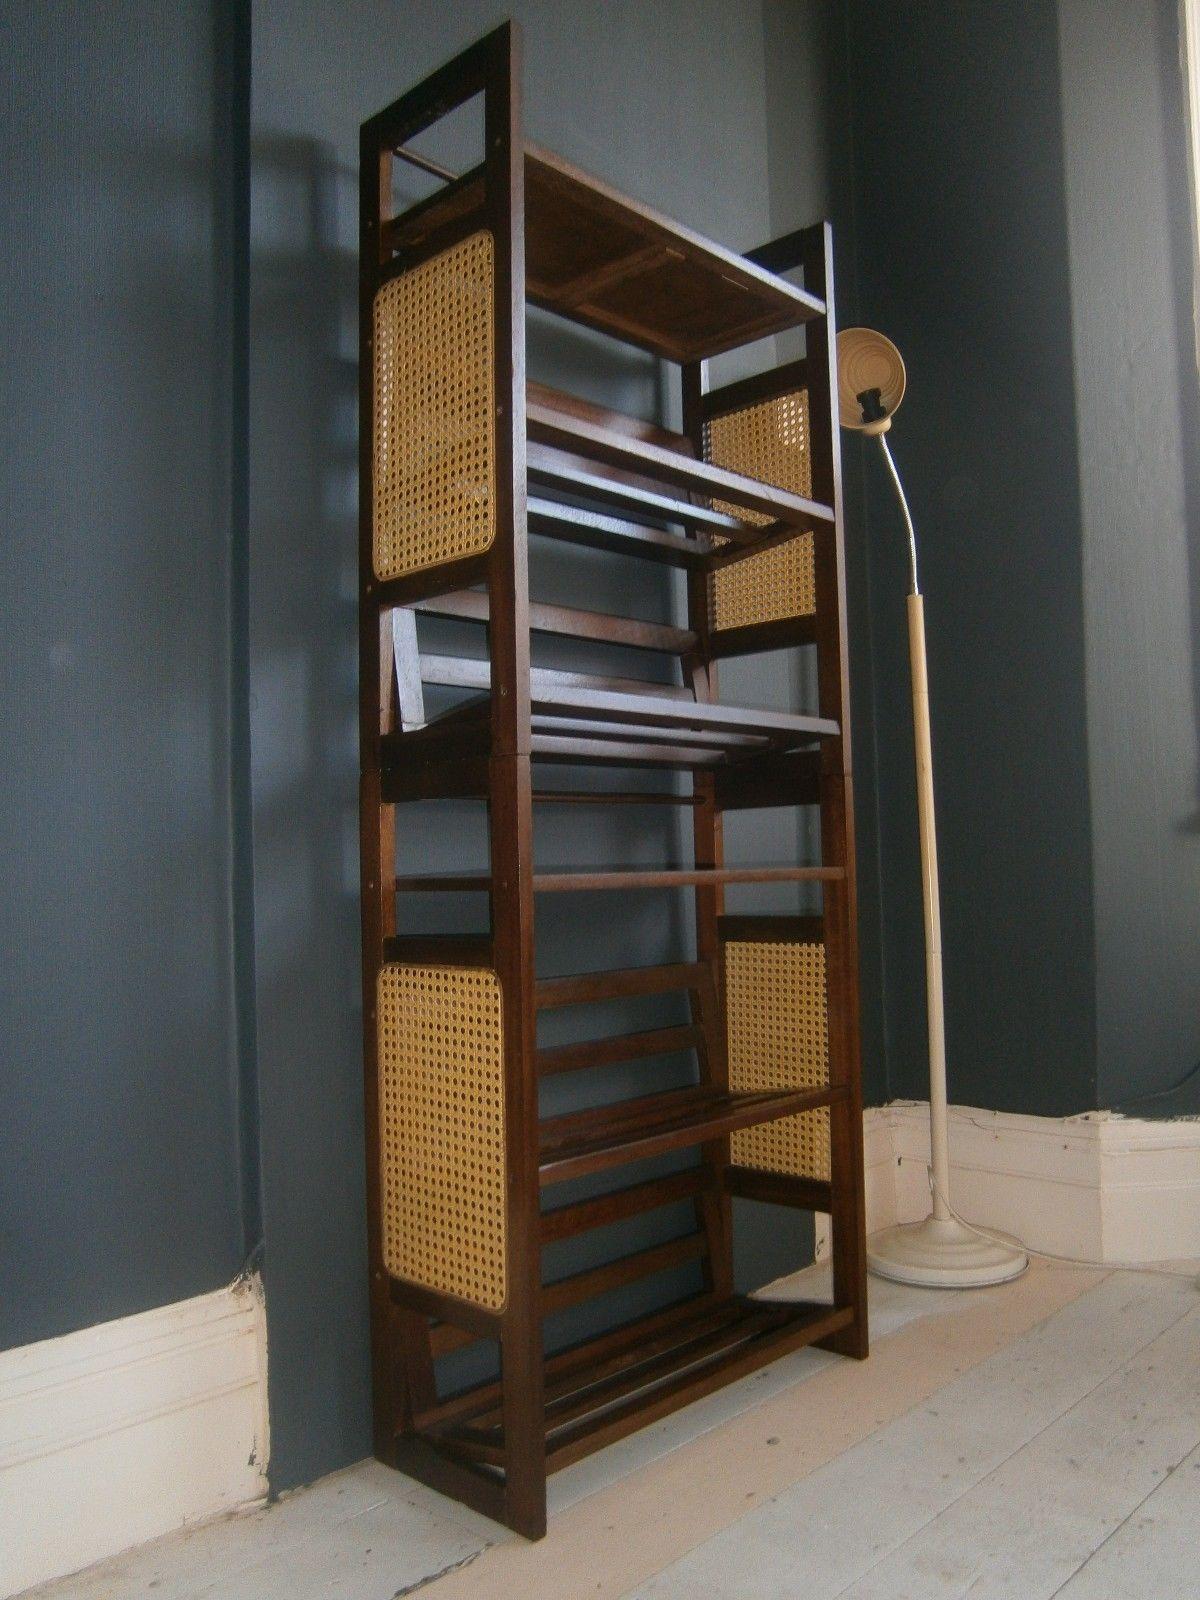 Vintage Retro Mid Century Bookshelves Stacking Bookcase Cane Inserts Slatted